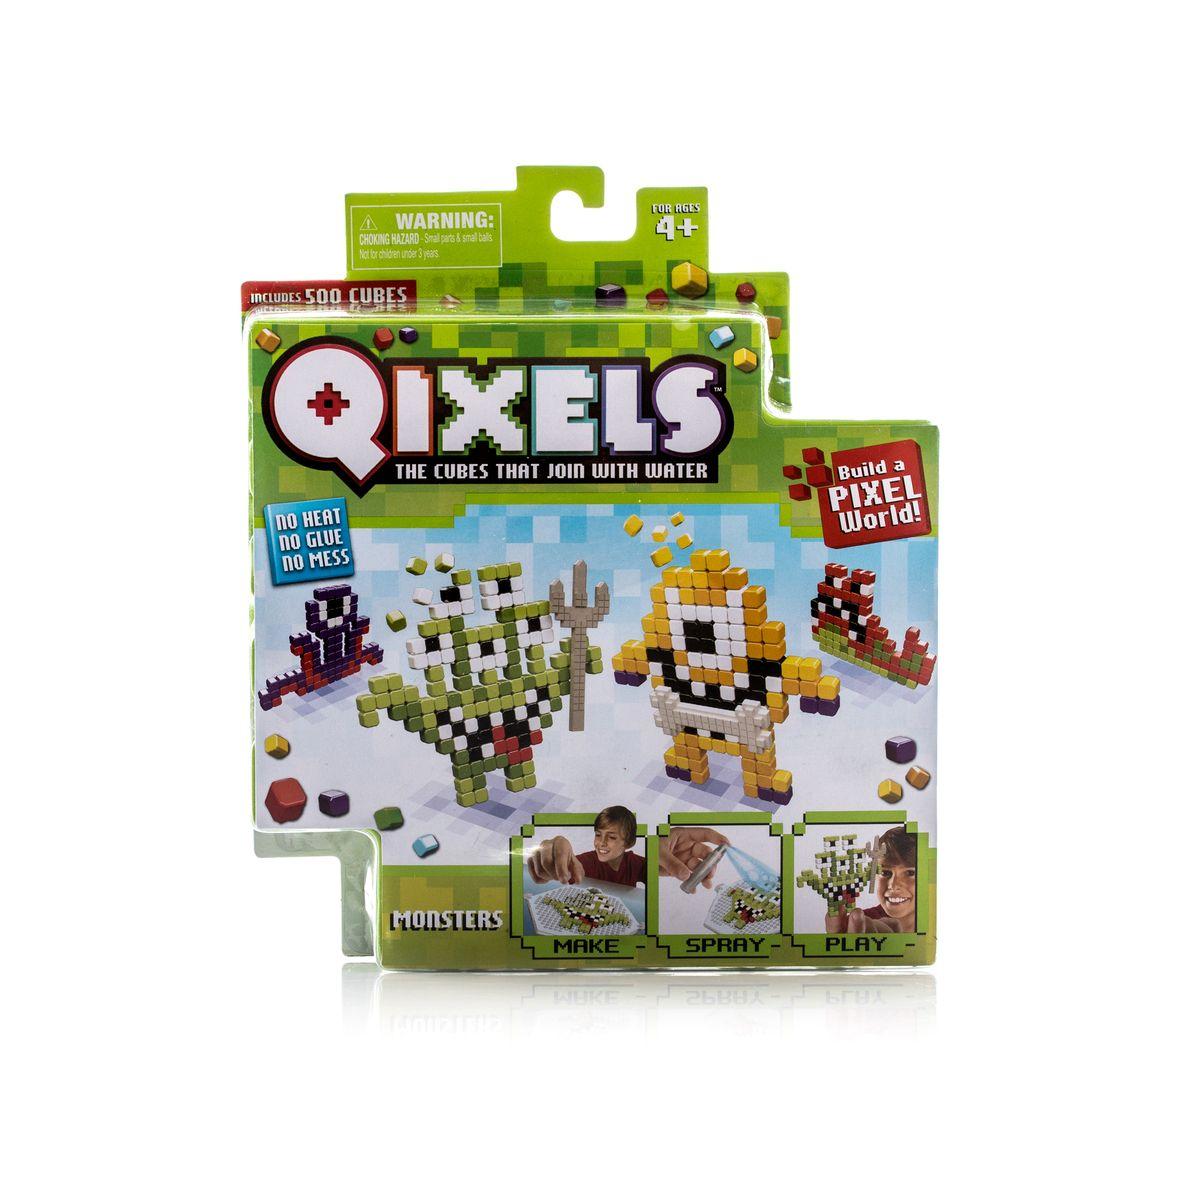 Qixels Набор для творчества МонстрикиQ87001Тематический набор для творчества Qixels «Монстрики» - это набор разноцветных кубиков и лекал, с помощью которых можно создавать забавные двухмерные игрушки собственными руками. Соберите фигурку из ярких деталей по одному из 4-х лекал, входящих в комплект набора, или придумайте собственный дизайн, после чего обрызгайте её водой из распылителя и подождите 30 минут. После высыхания, с полученной фигуркой можно играть как с самой обычной игрушкой! В комплект набора входит: 500 x кубиков 1 x дизайн лоток 4 x цветных дизайн лекала фантастических монстриков 1 x опора 1 x база 2 x аксессуара 1 x бирка с нитью 1 x распылитель для воды 1 x инструкция